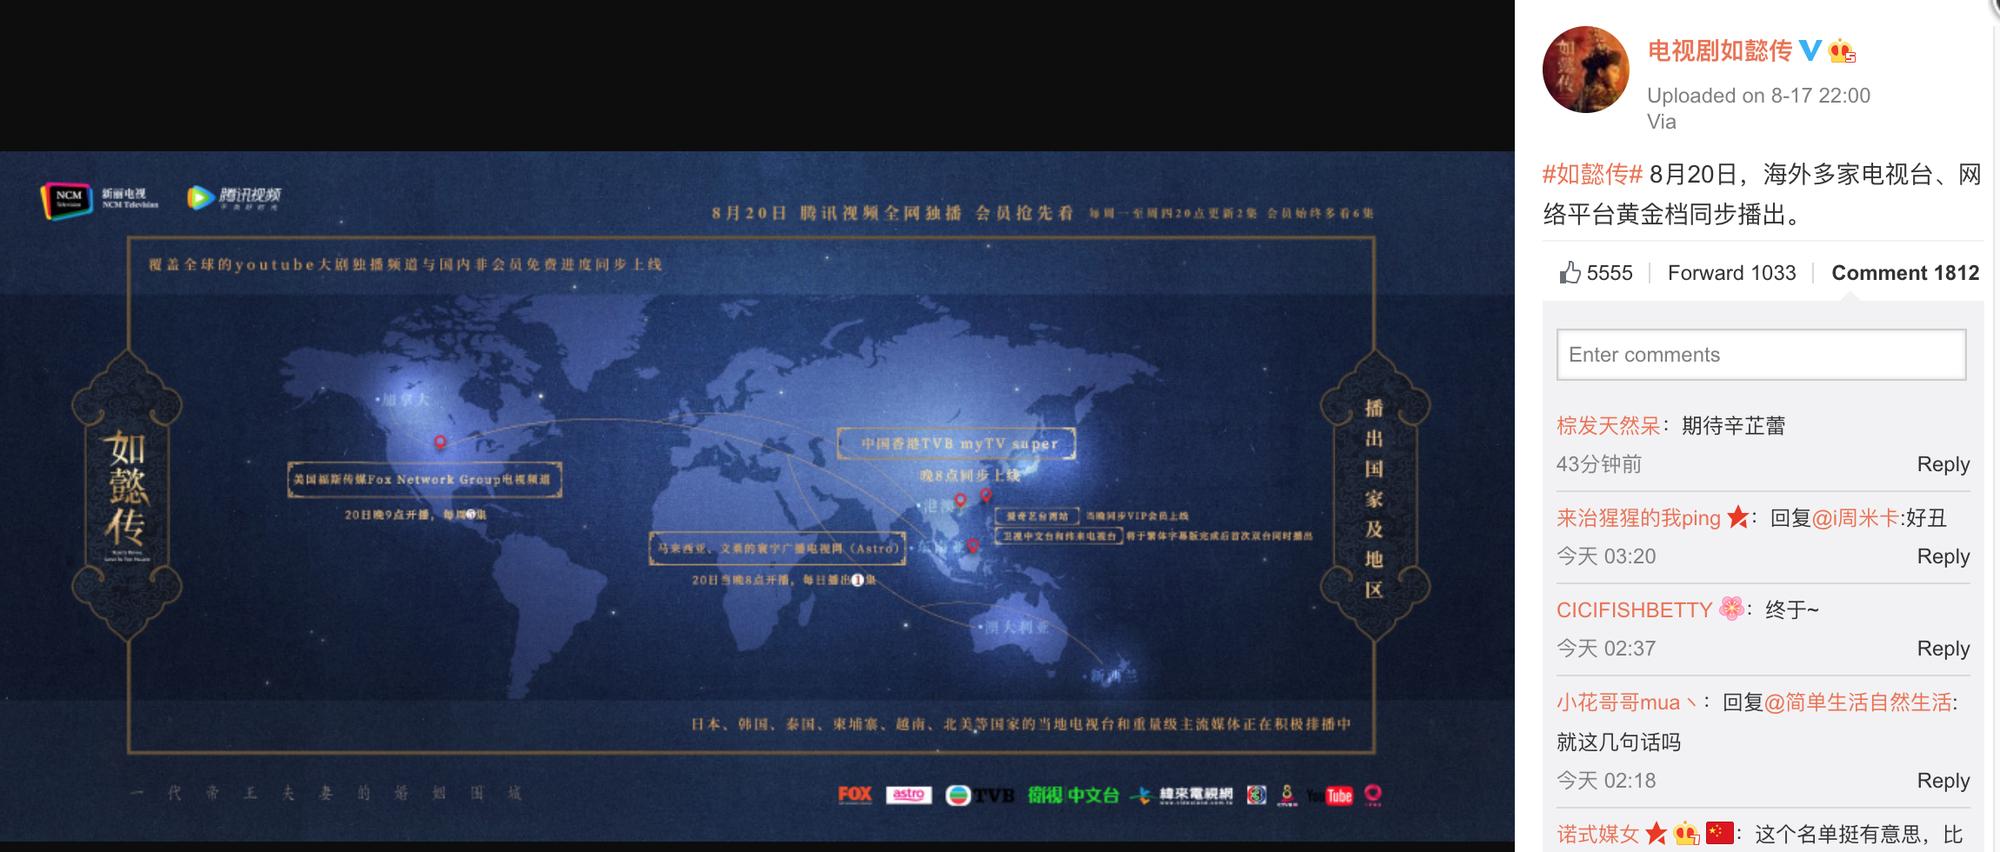 Thông báo lên sóng trên toàn thế giới của NSX Hậu Cung Như Ý Truyện trên Weibo.